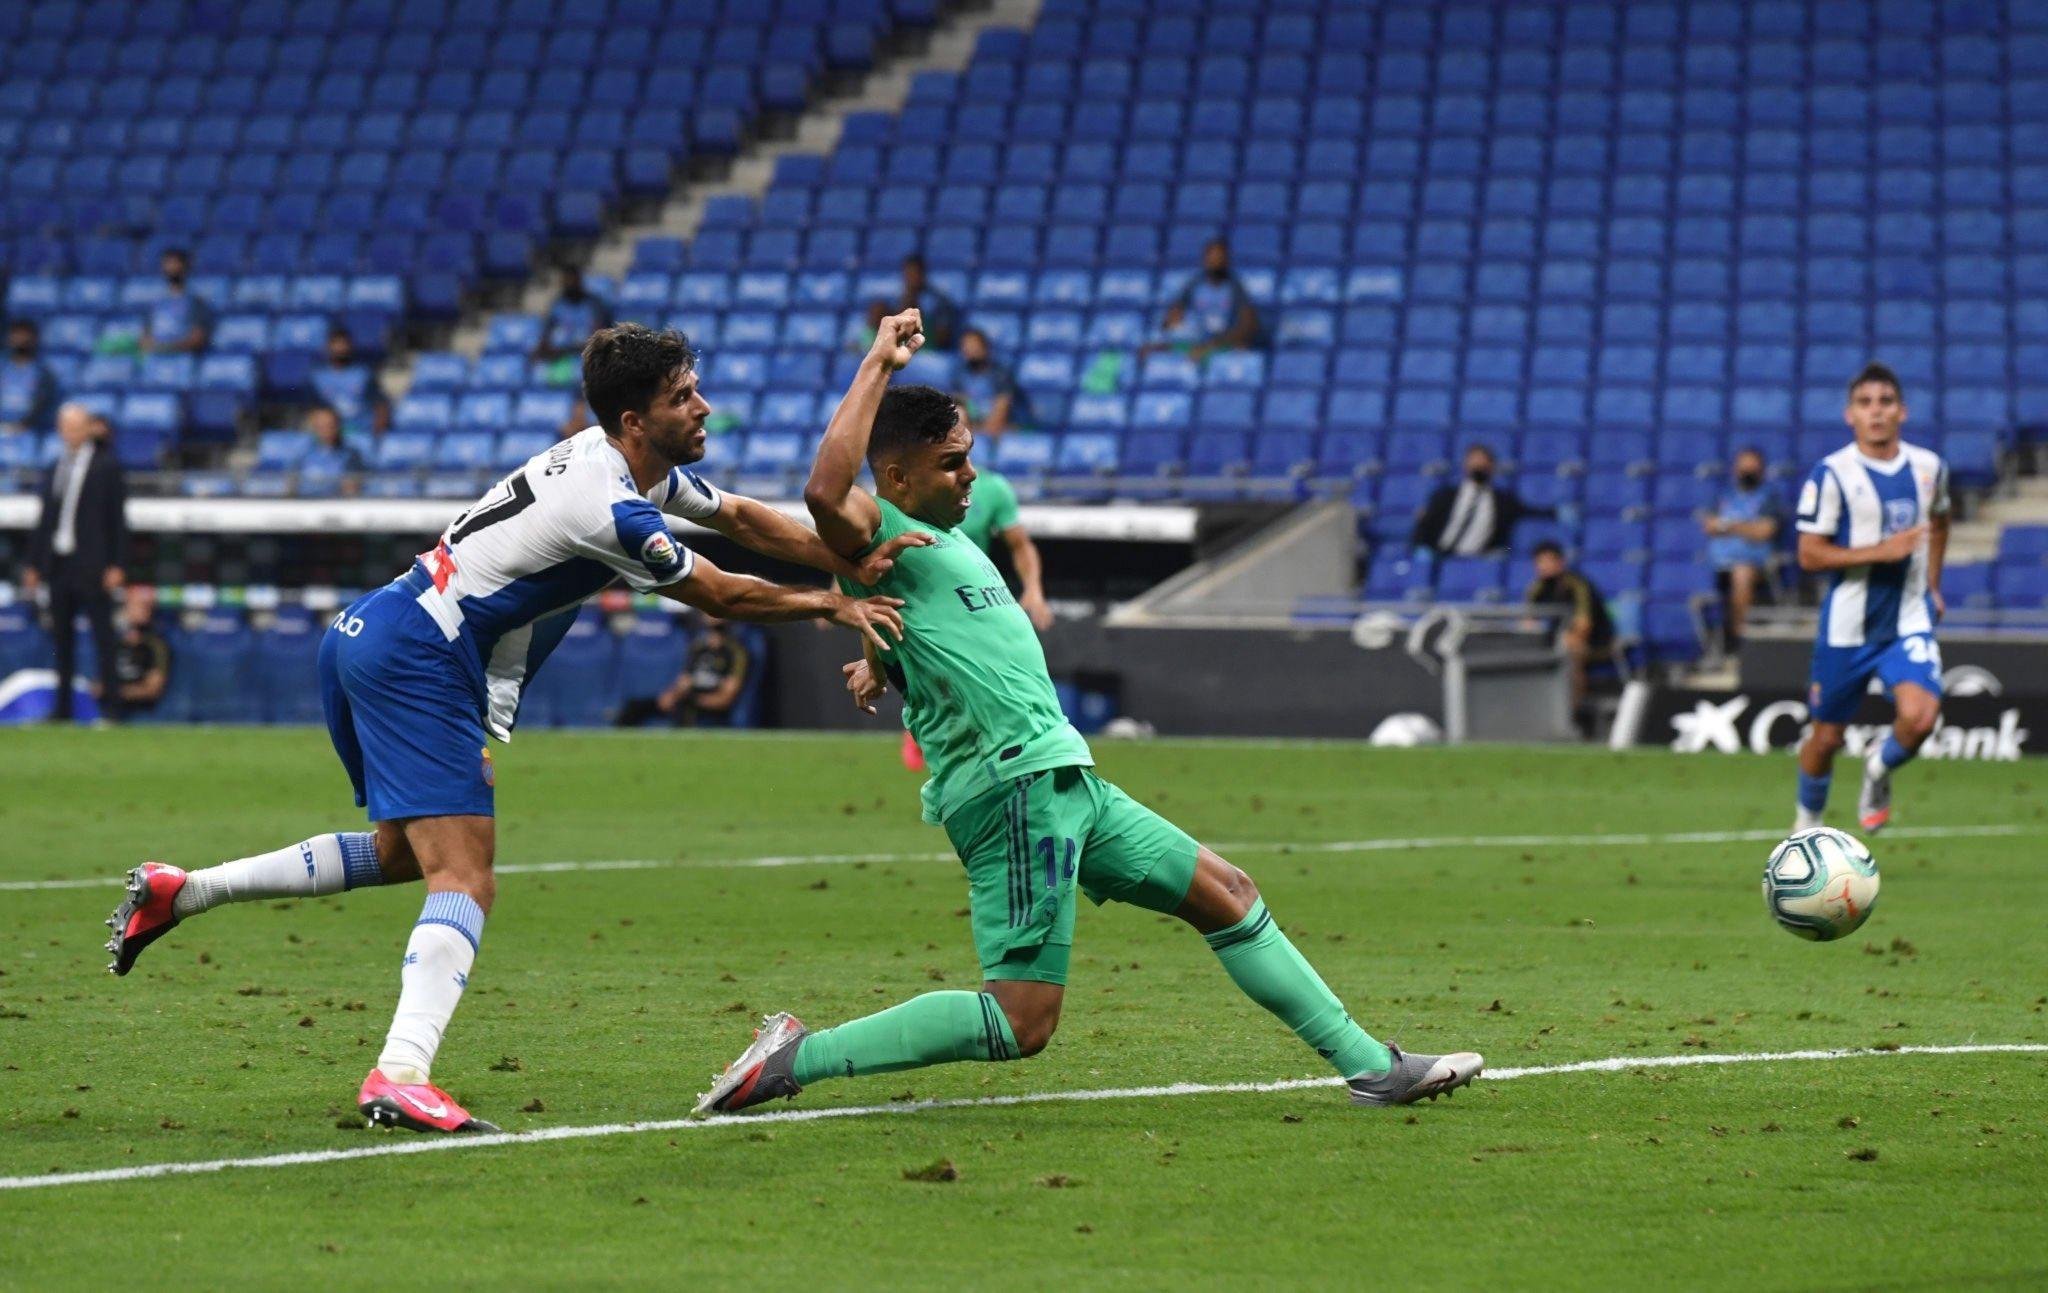 كاسيميرو يسدد الكرة فى شباك اسبانيول